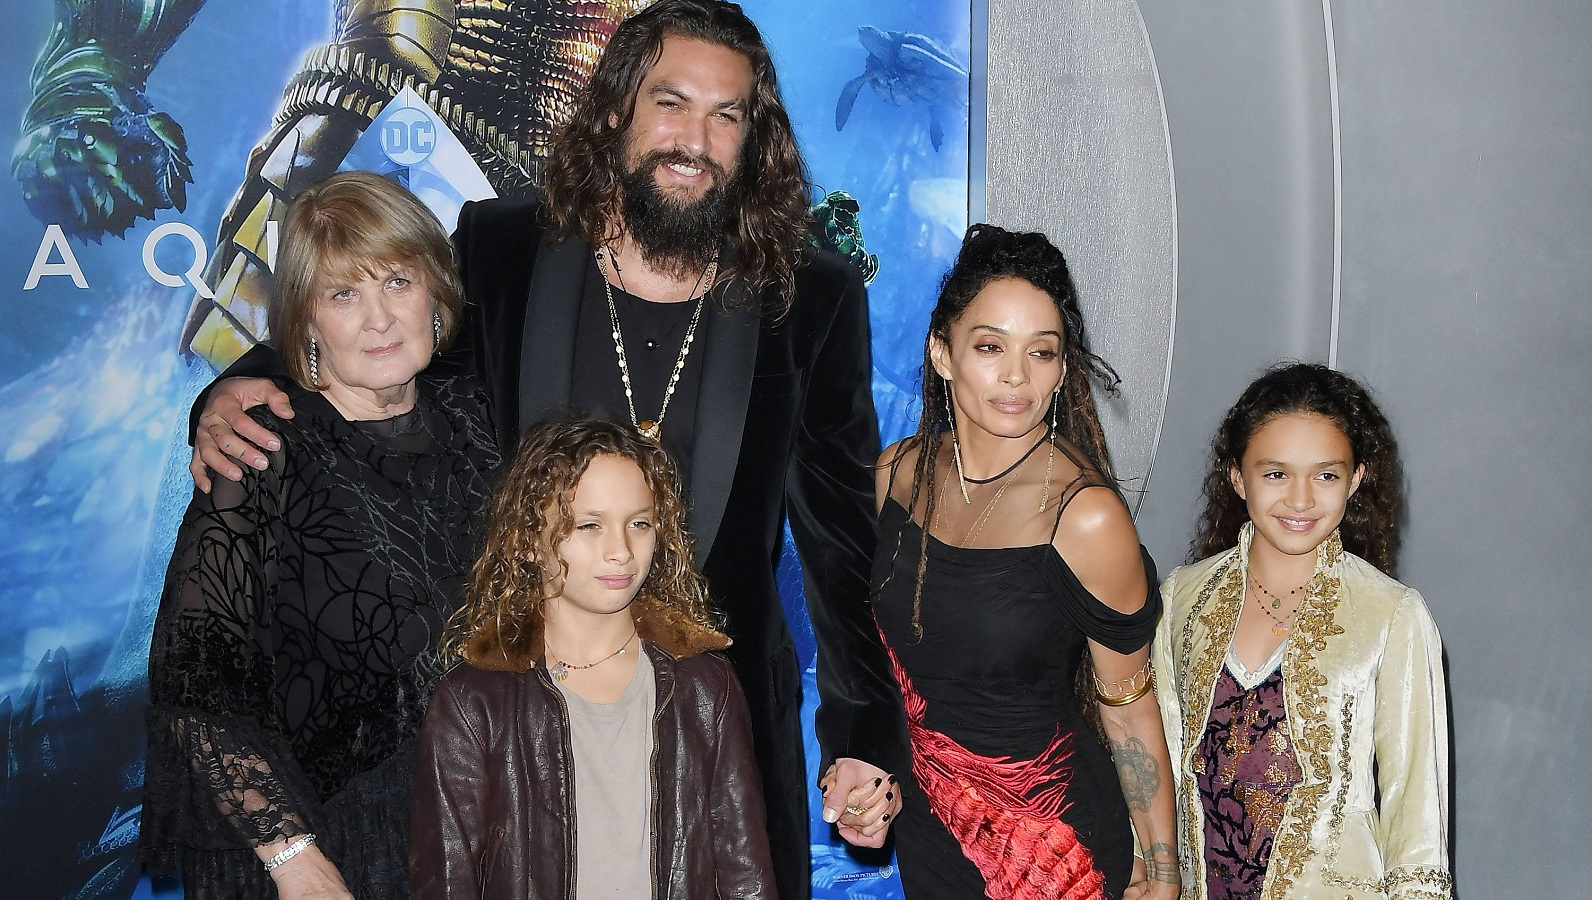 Джейсон Момоа скрывает свои роли от детей